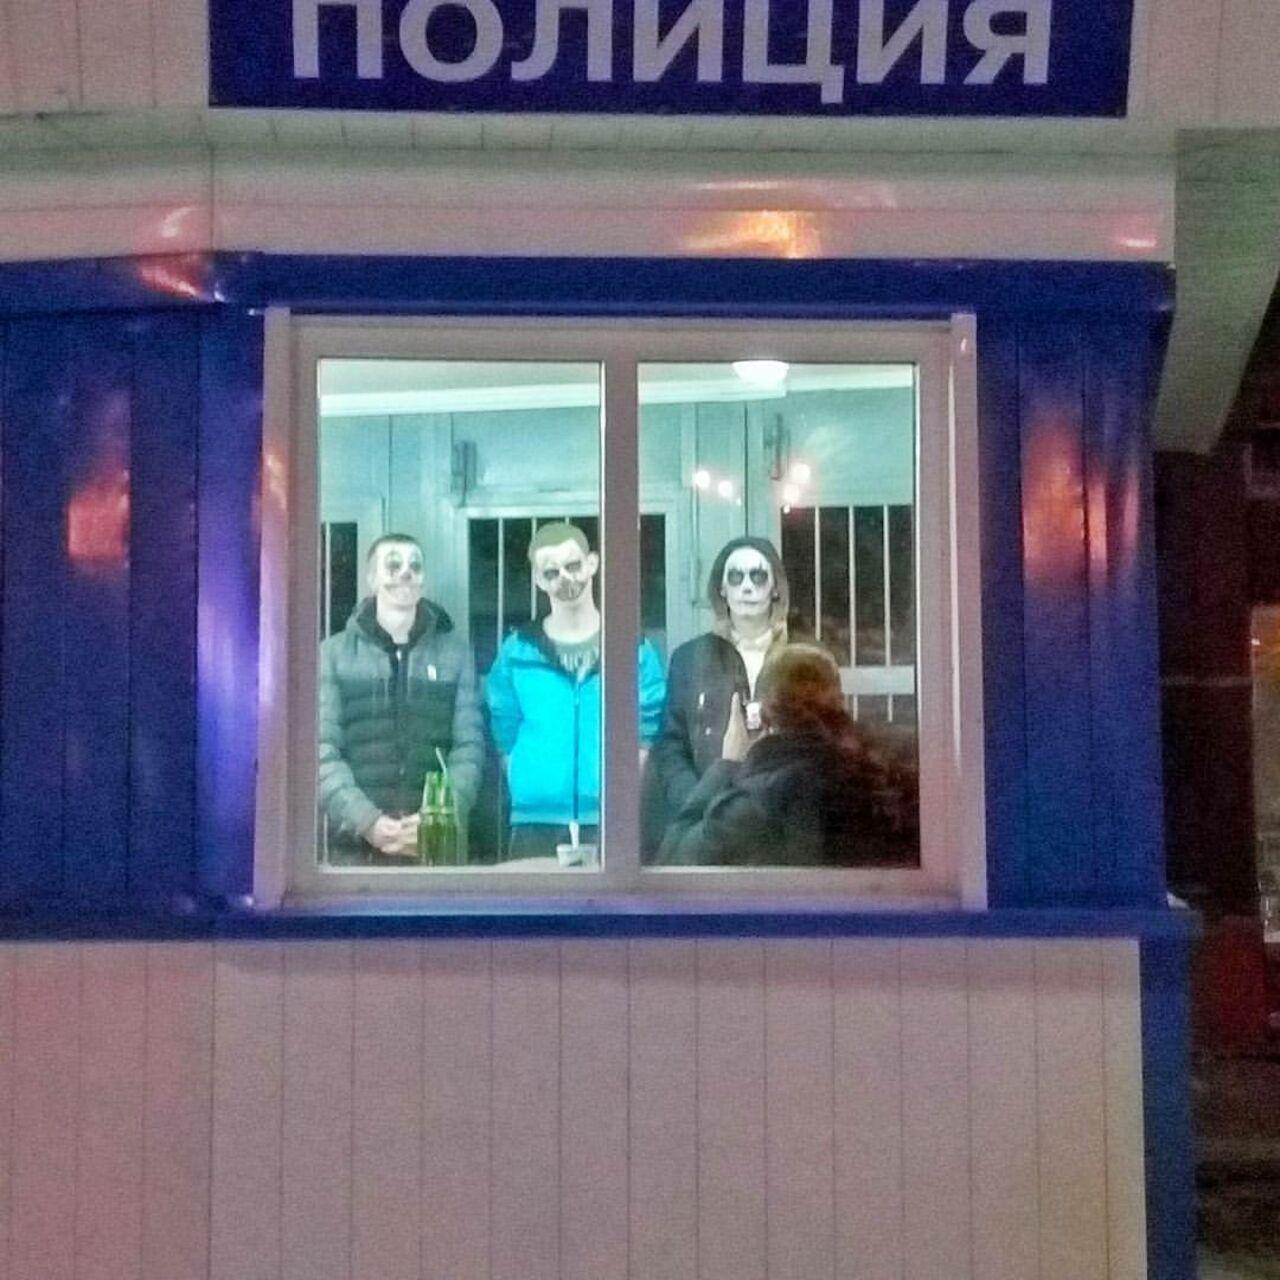 ВКемерове милиция задержала троих «зомби»